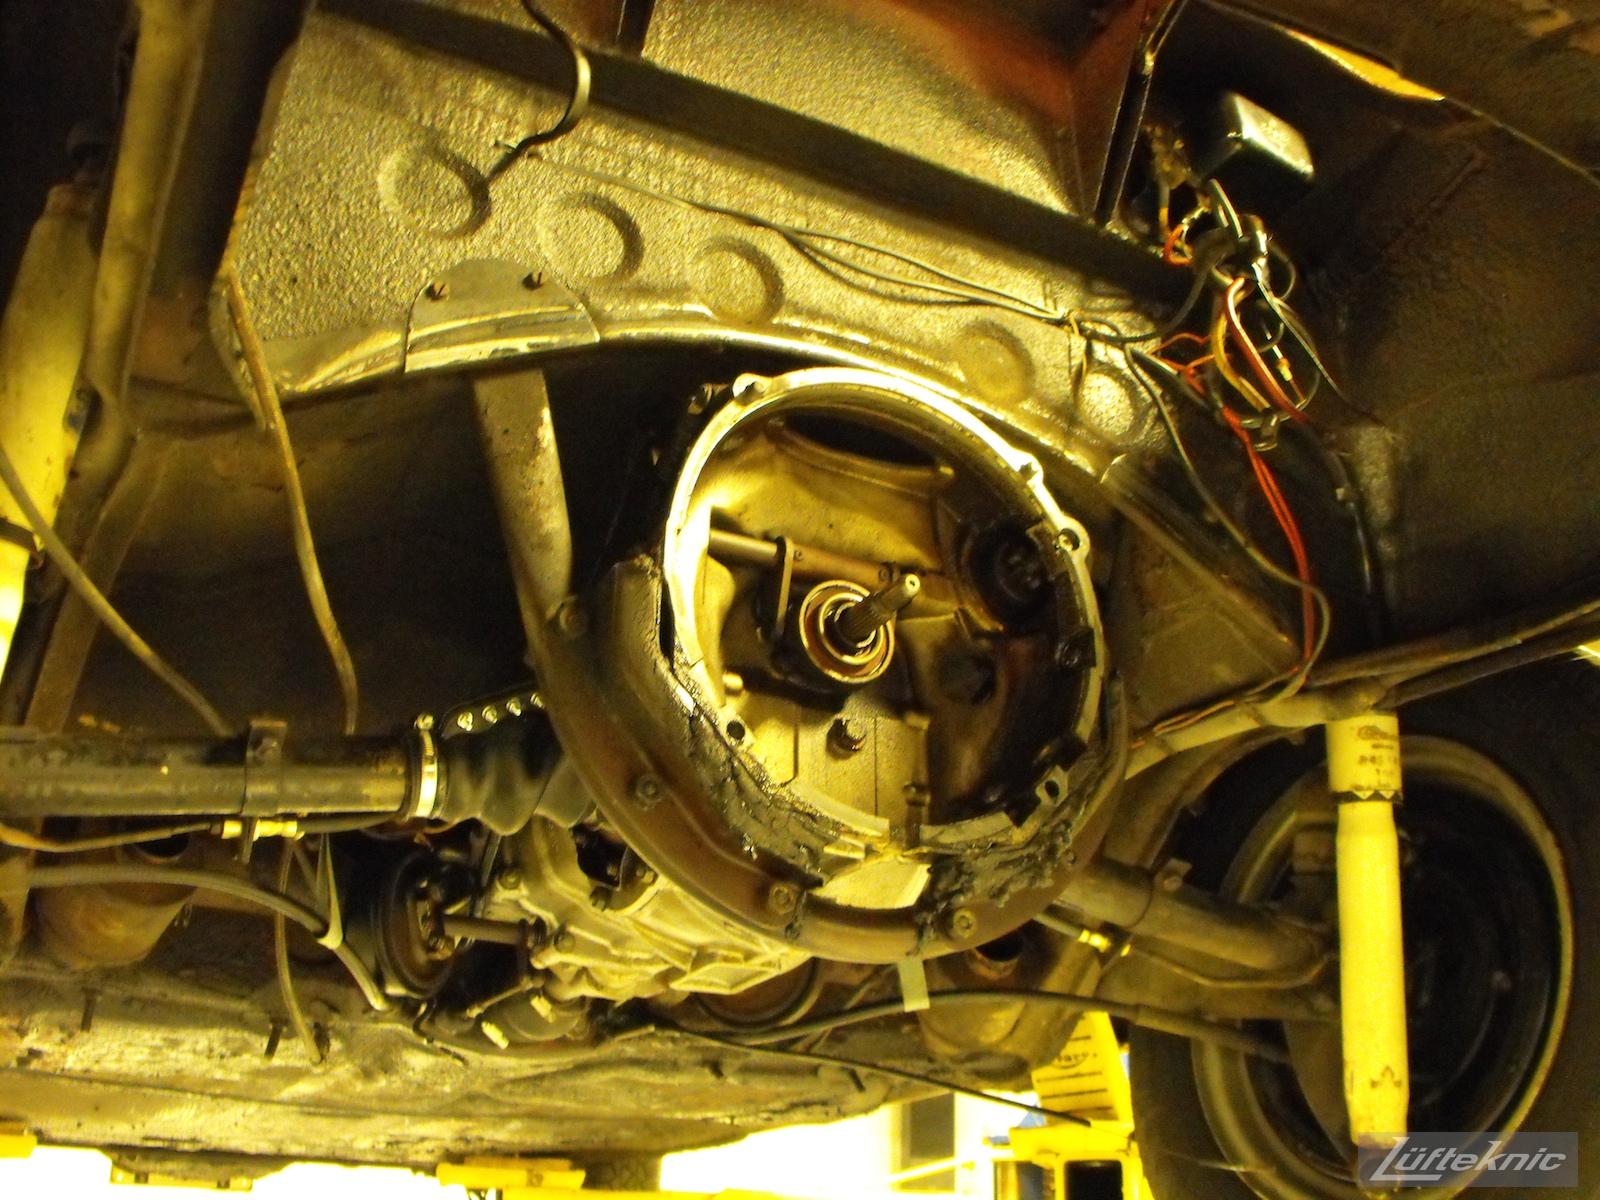 Engine removed for a 1961 Porsche 356B Roadster restoration.